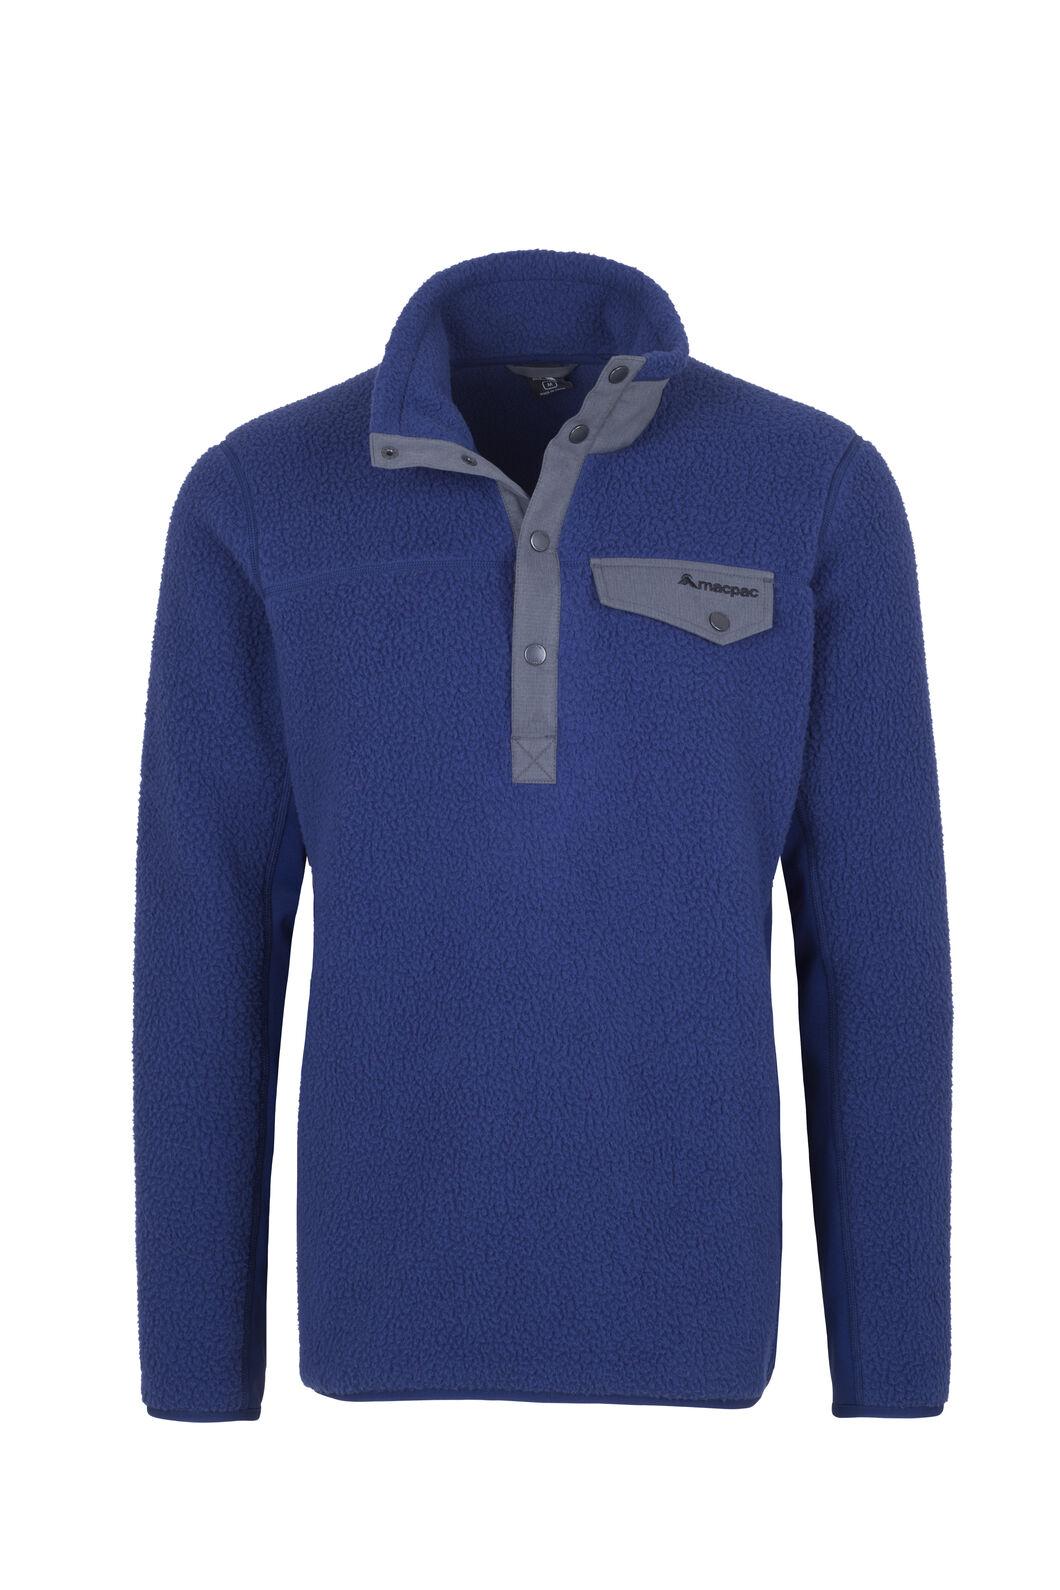 Macpac Haast Sherpa Fleece - Men's, Medieval Blue, hi-res